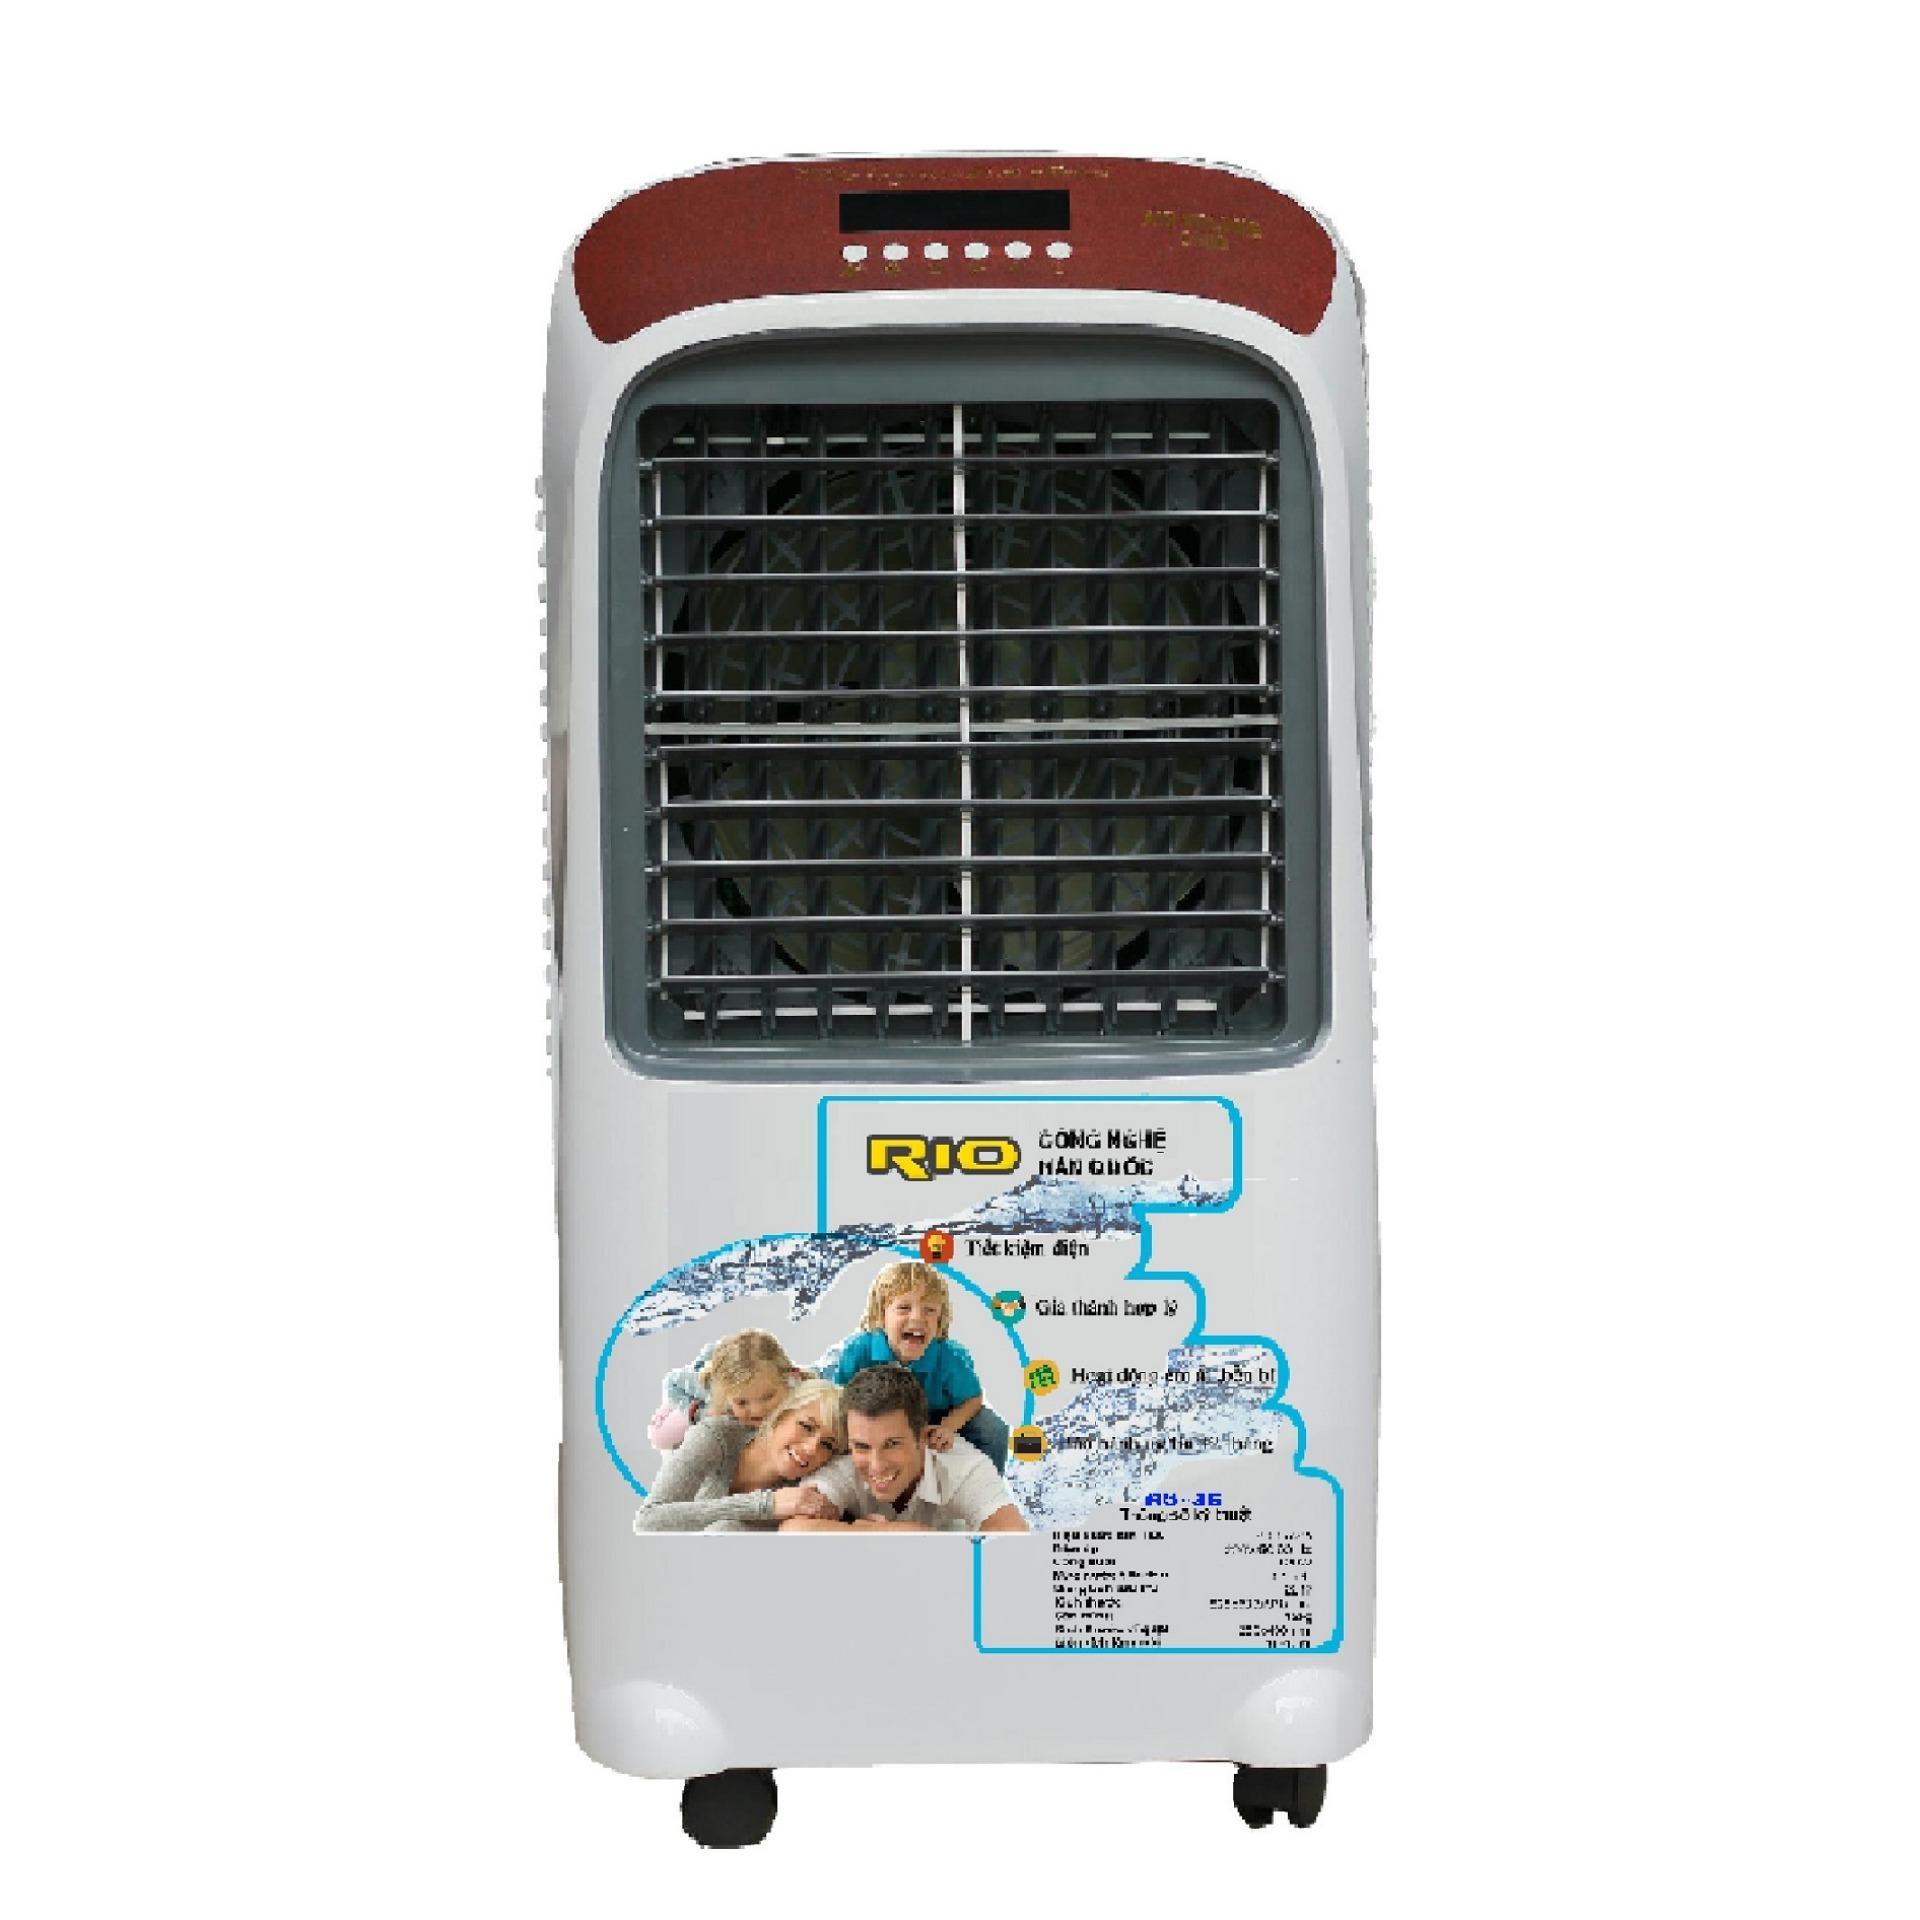 QUẠT ĐIỀU HÒA không khí RIO RO35 tiết kiệm điện